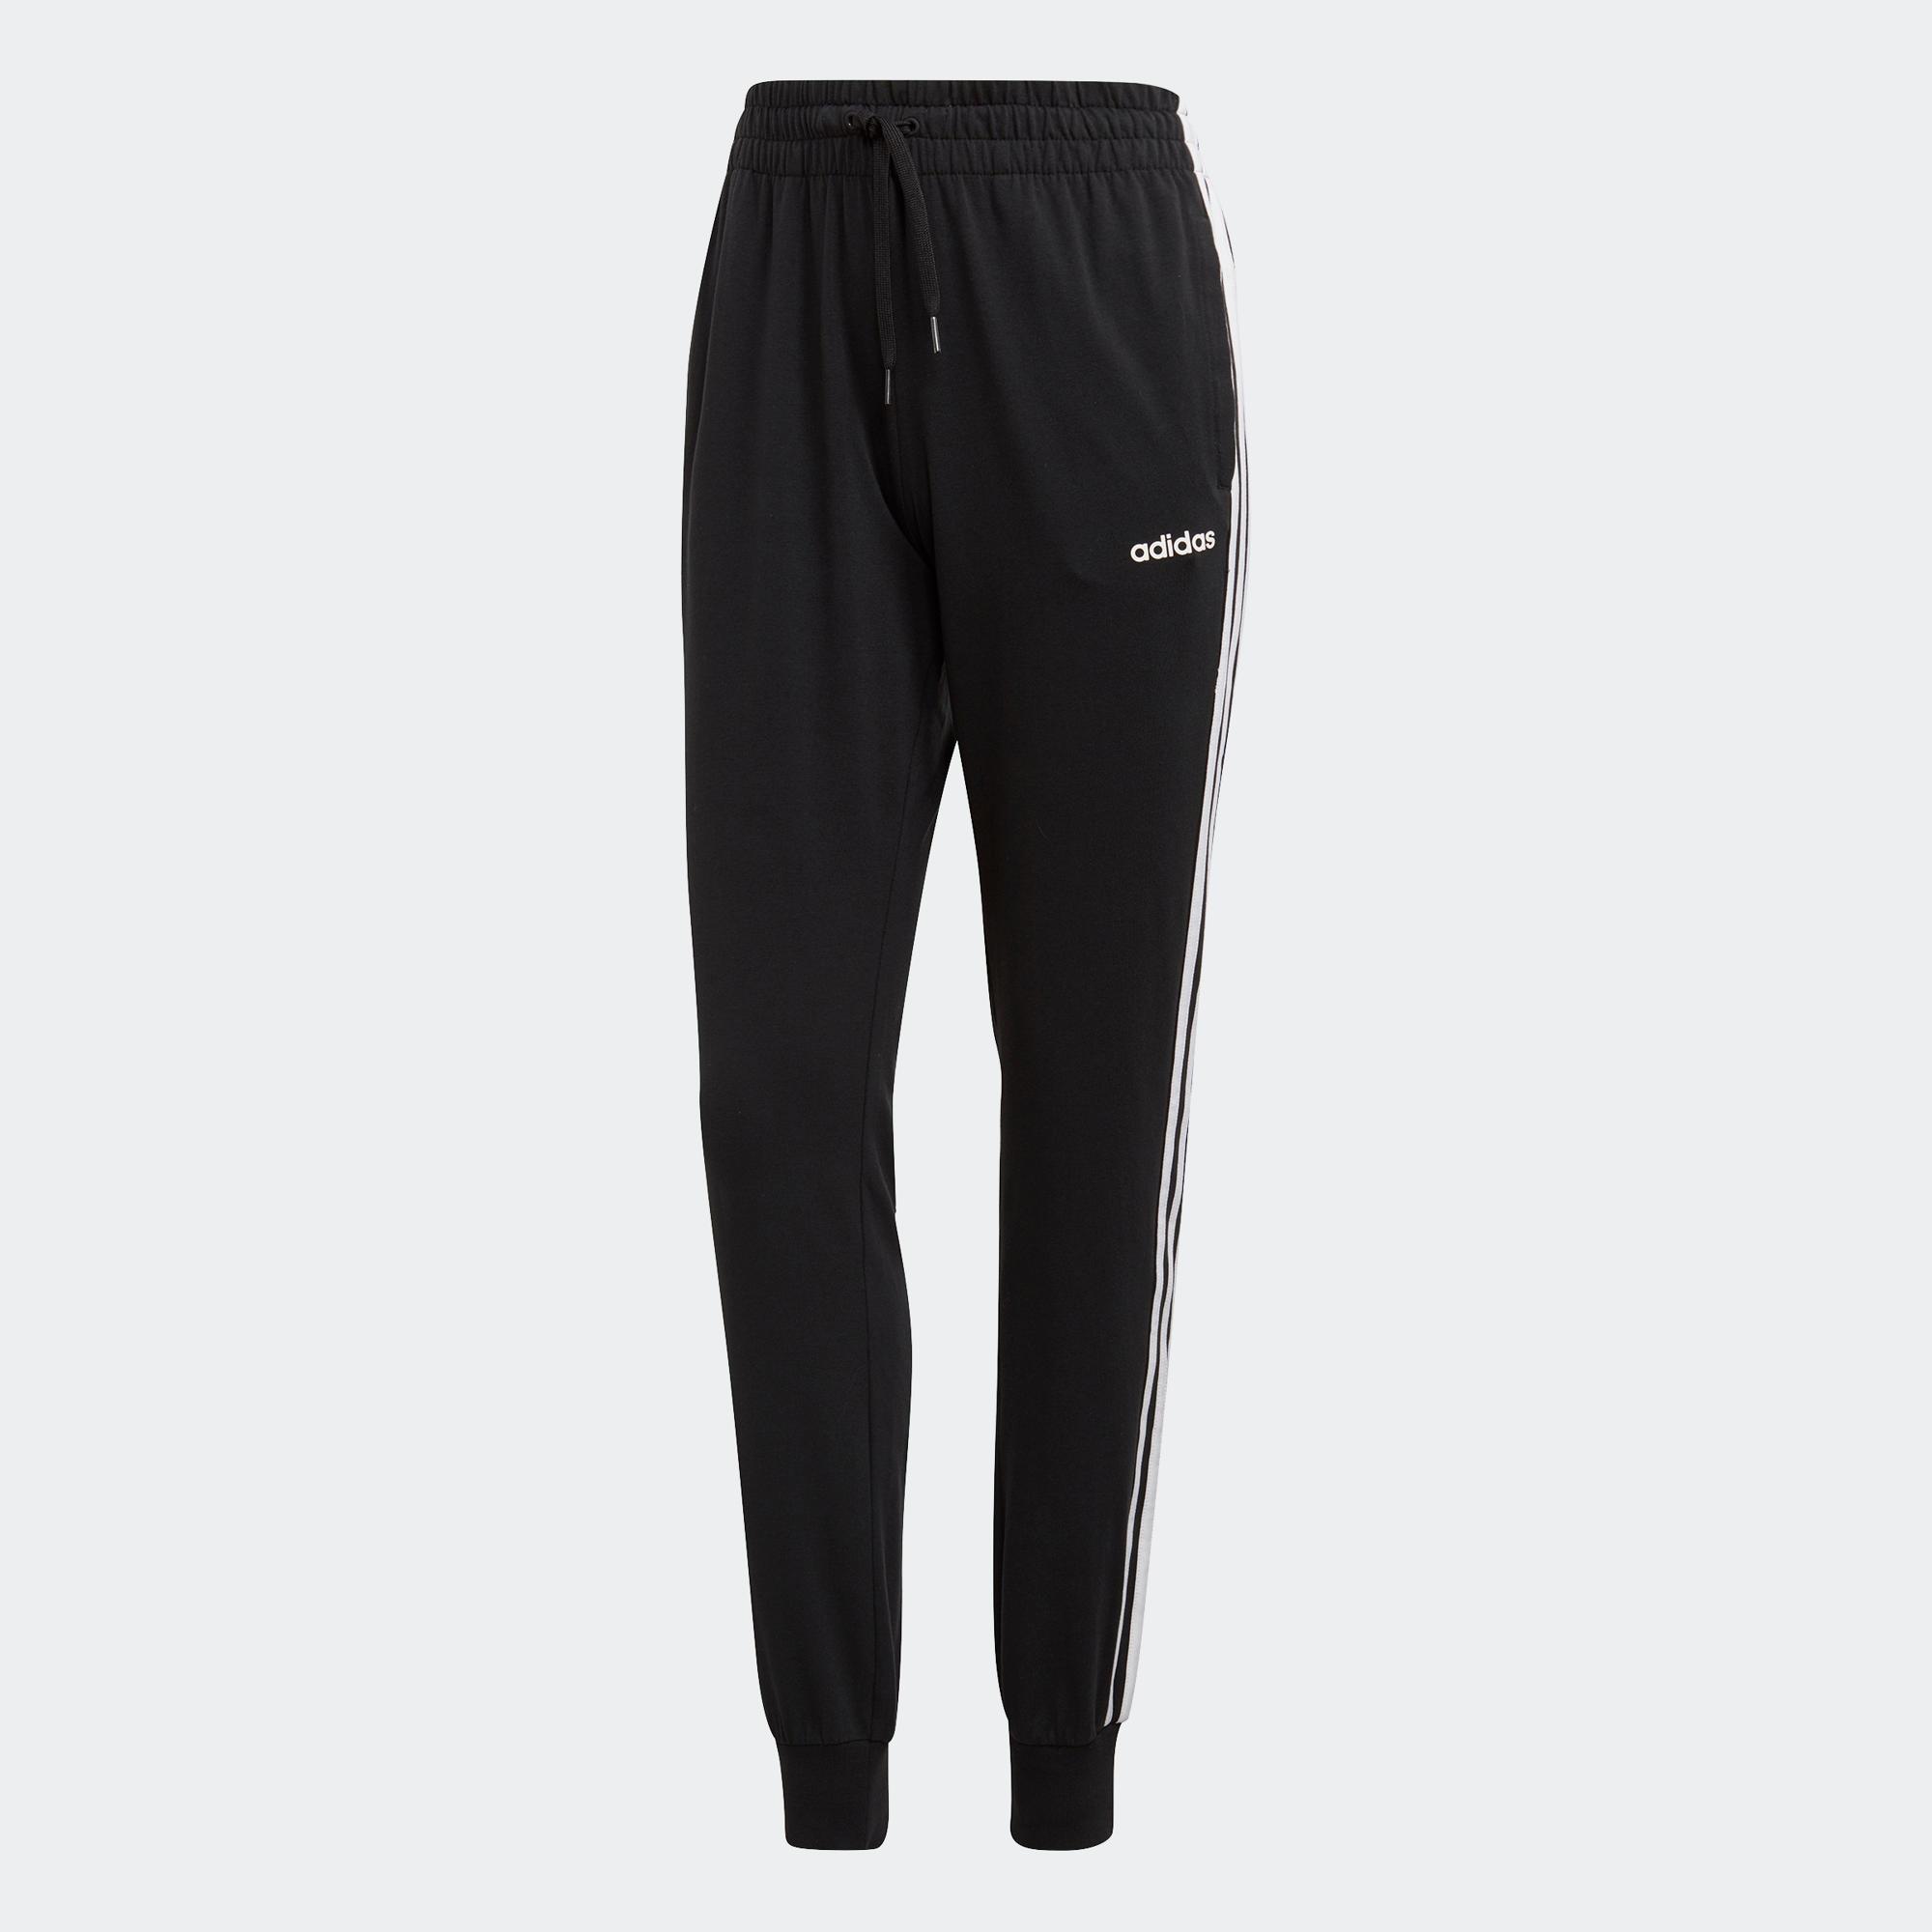 ADIDAS Jogginghose mit 3 Streifen Damen schwarz   Sportbekleidung > Sporthosen   Adidas